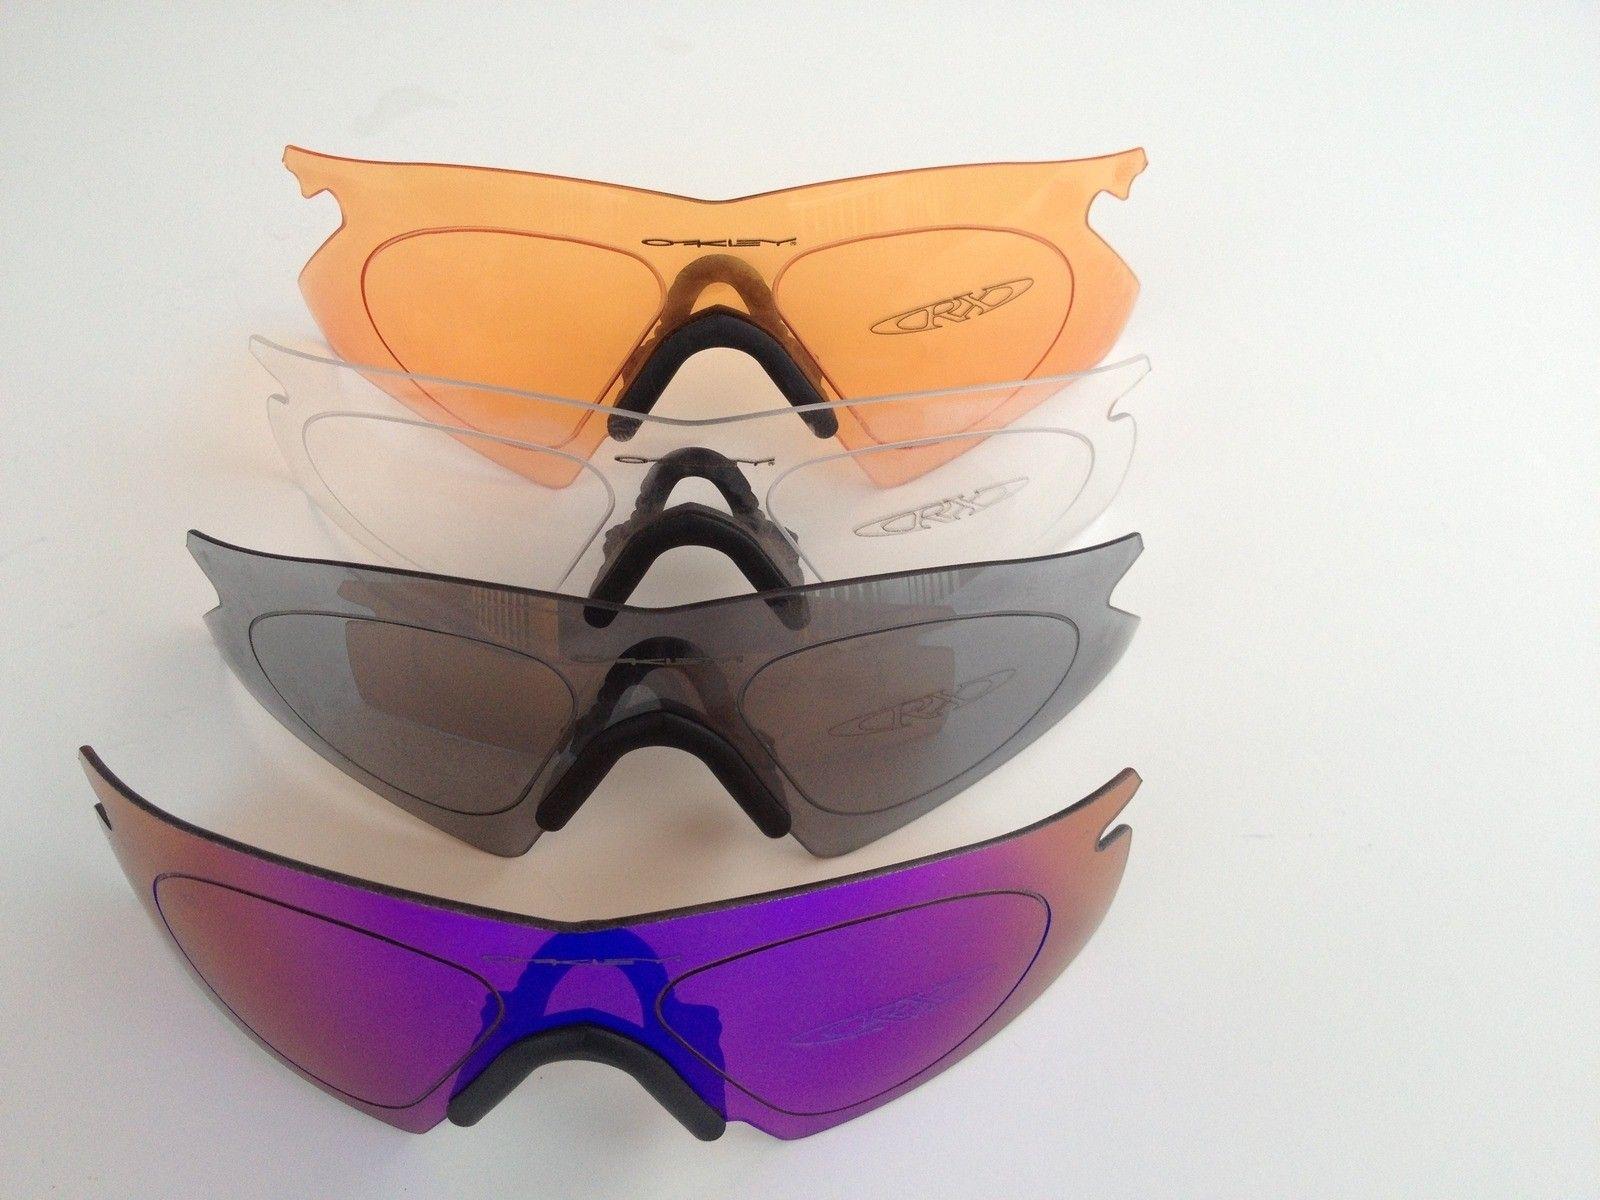 M-Frame Collectors: Four RX Sample M Frame Lenses - kbfq.jpg